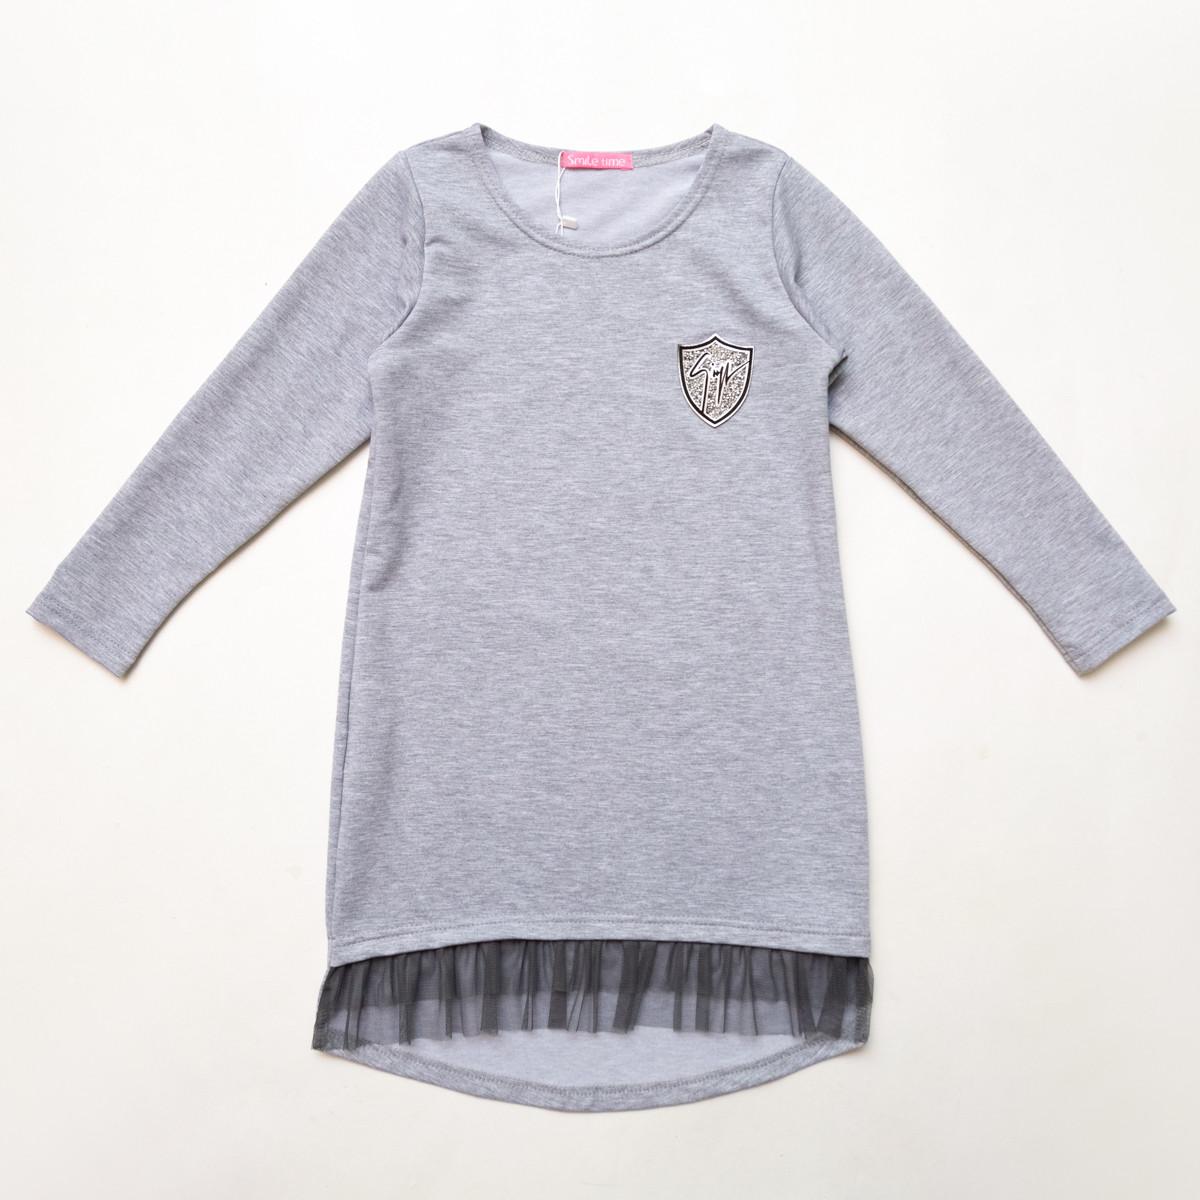 Платье трикотажное р.122,128,134,140,146,152 SmileTime для девочки Kelly, светло-серый